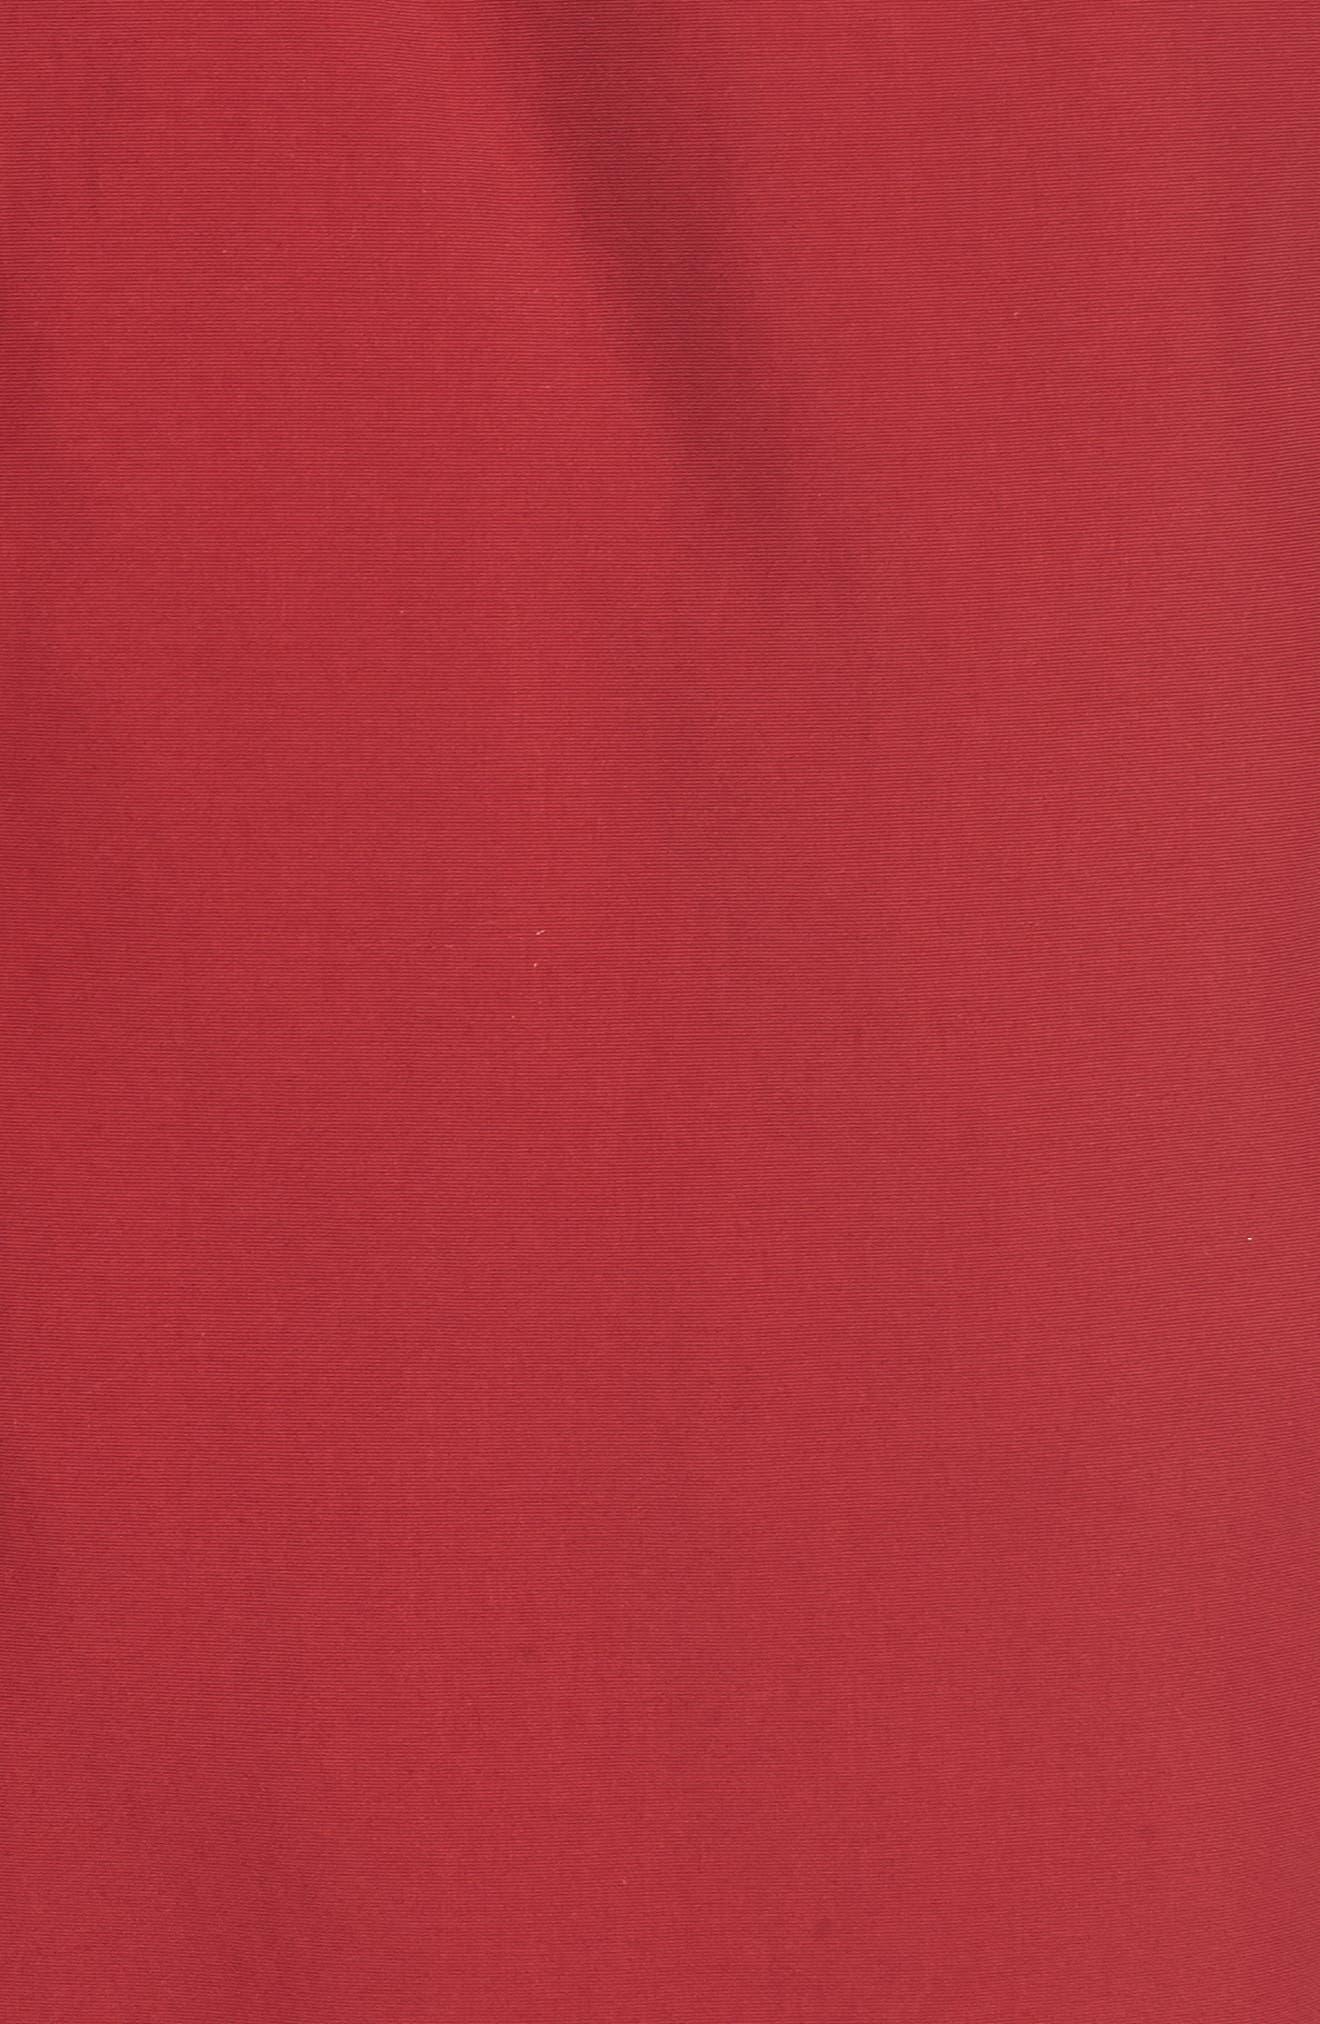 Side Stripe Swim Trunks,                             Alternate thumbnail 5, color,                             Turkey Red